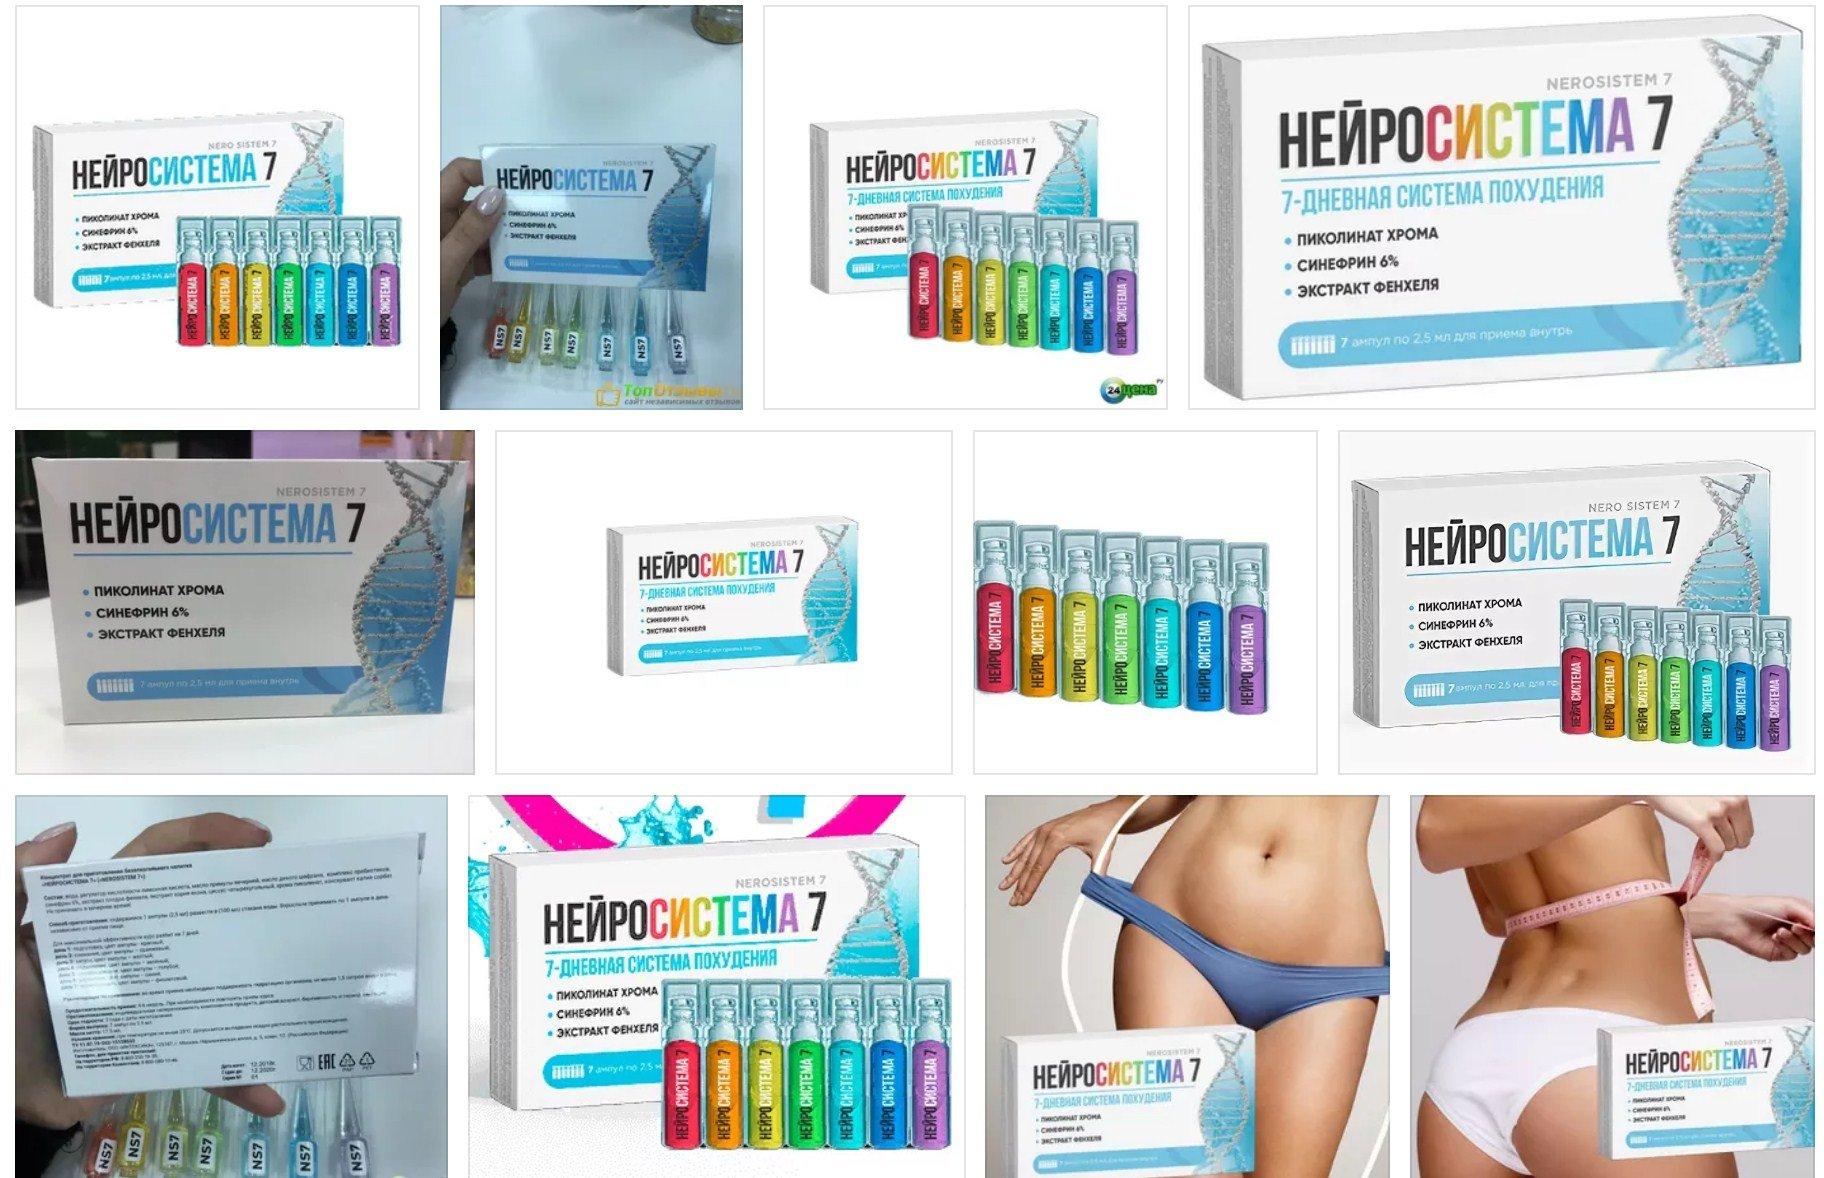 Рейтинг Препаратов Похудения. ТОП 10 лучших таблеток для похудения